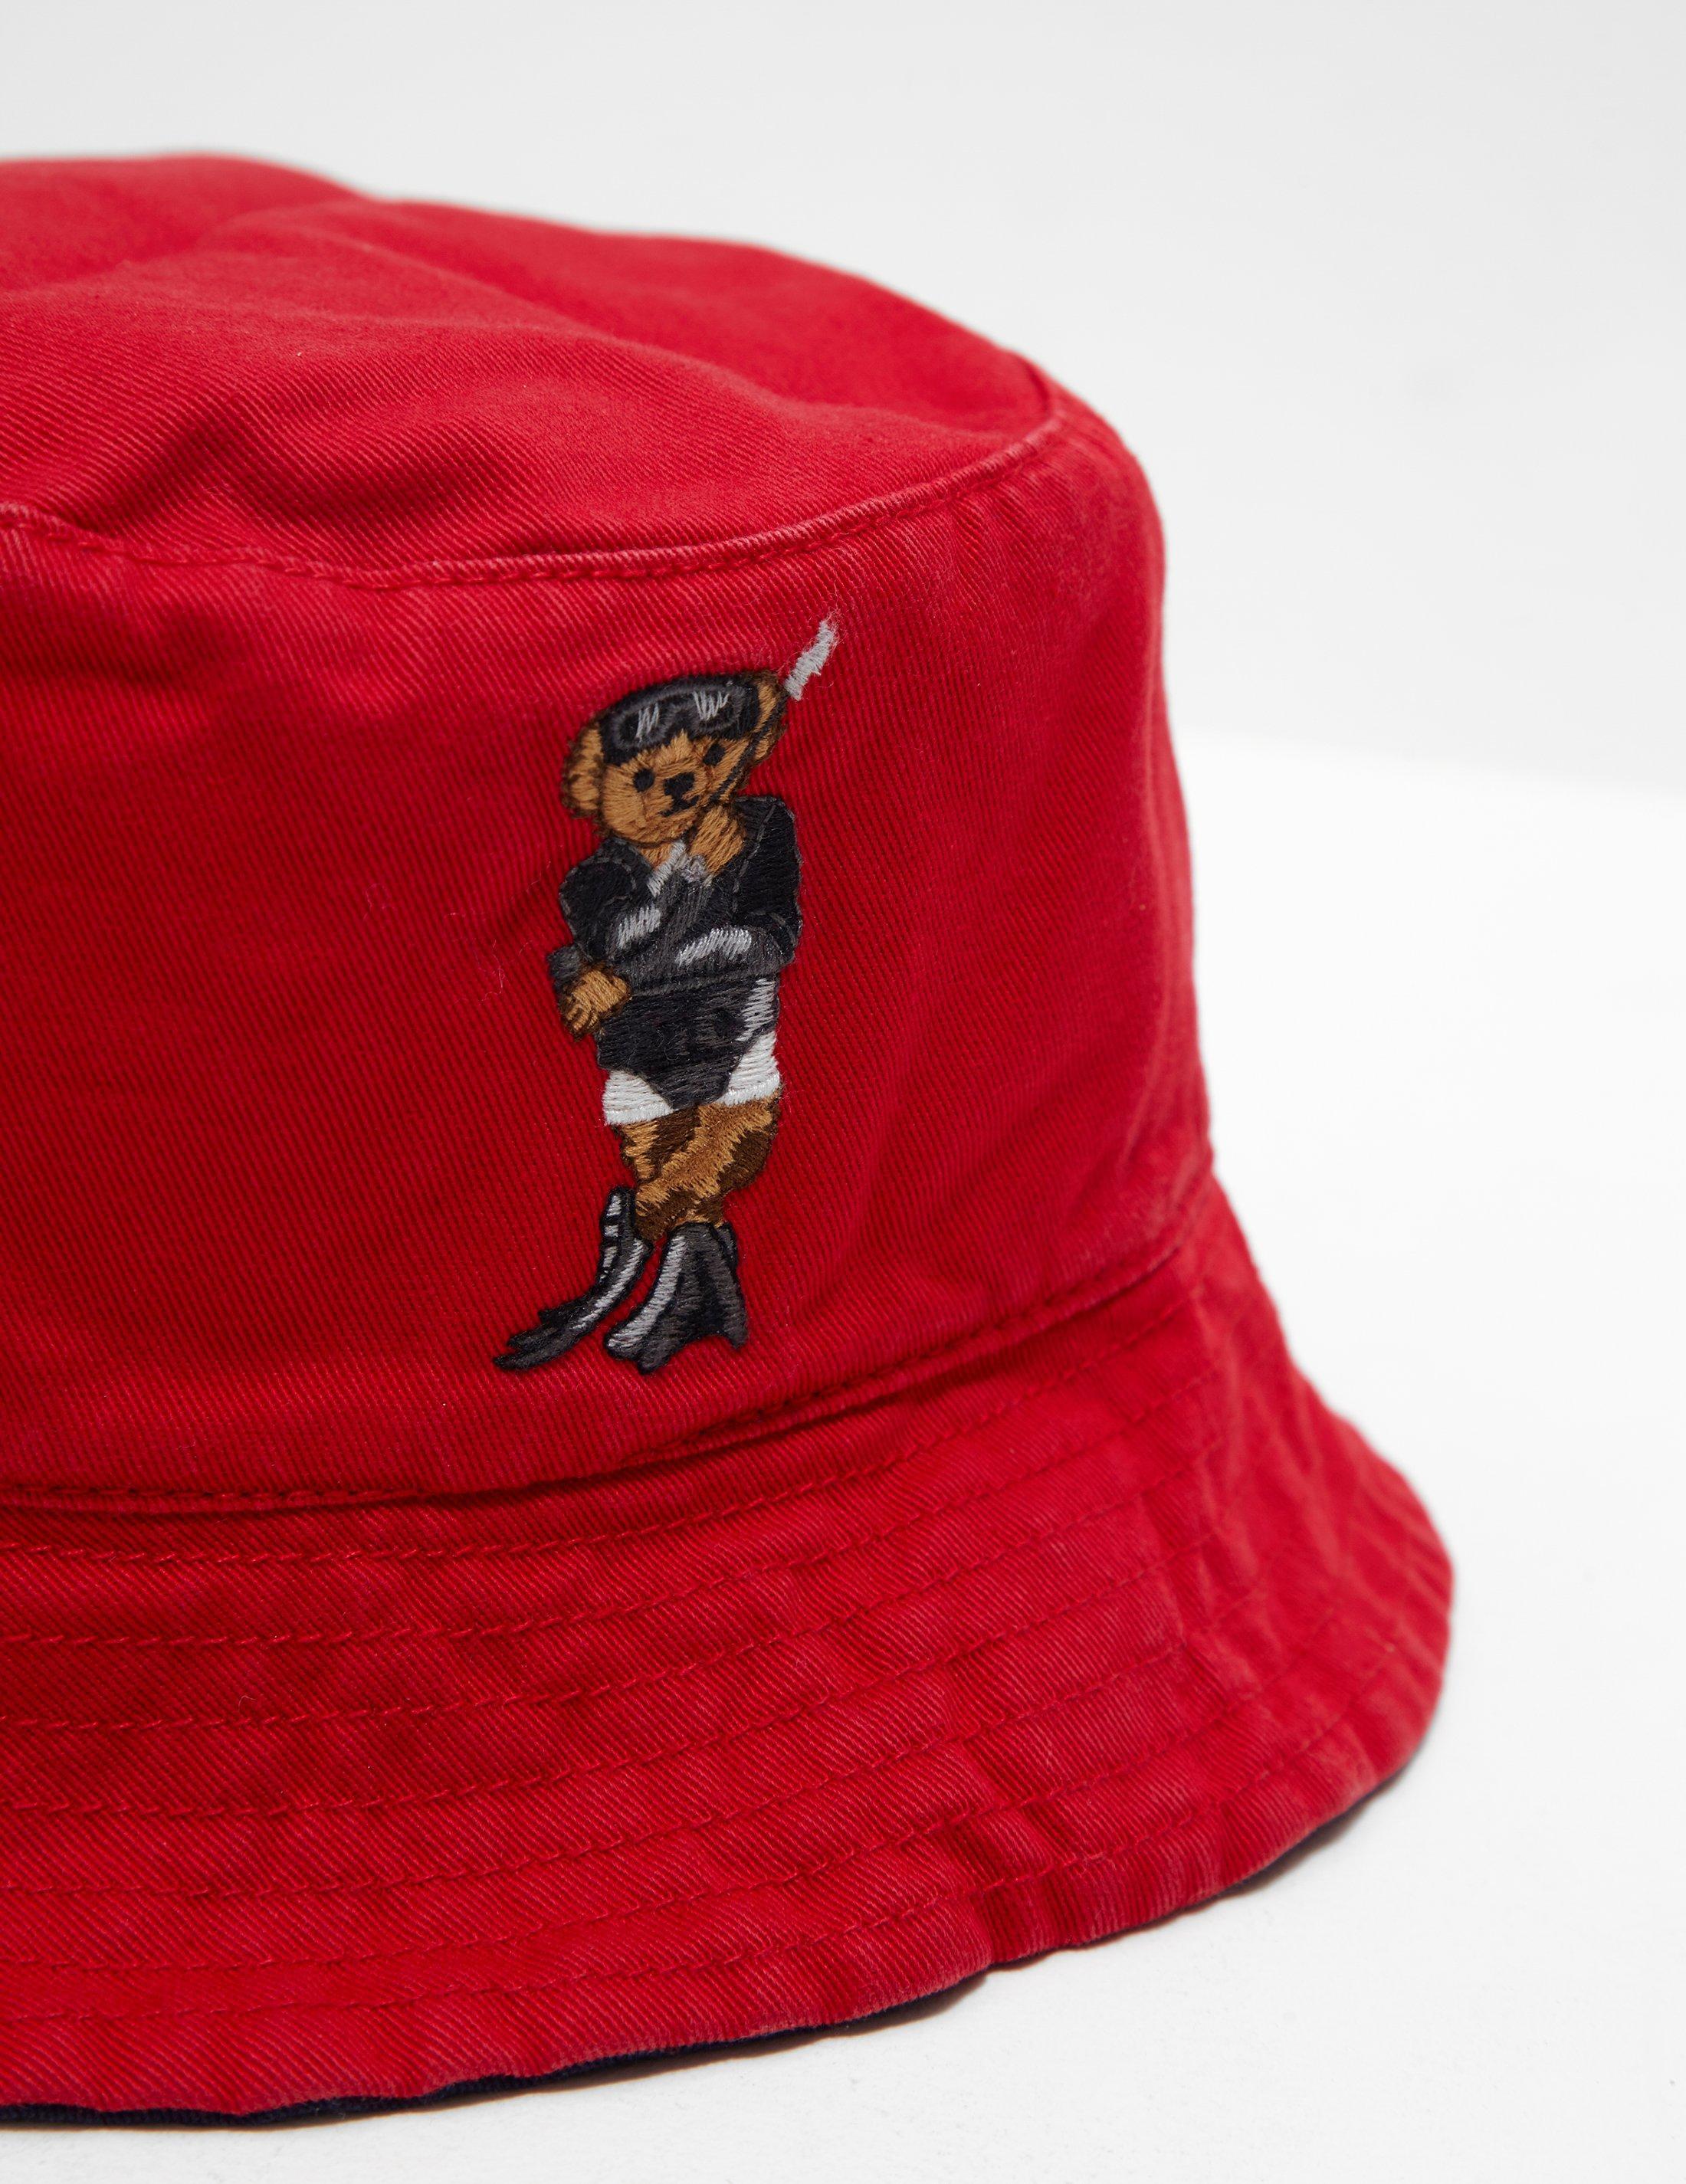 87fef3ed Polo Ralph Lauren Mens Bear Bucket Hat - Online Exclusive Navy Blue for men